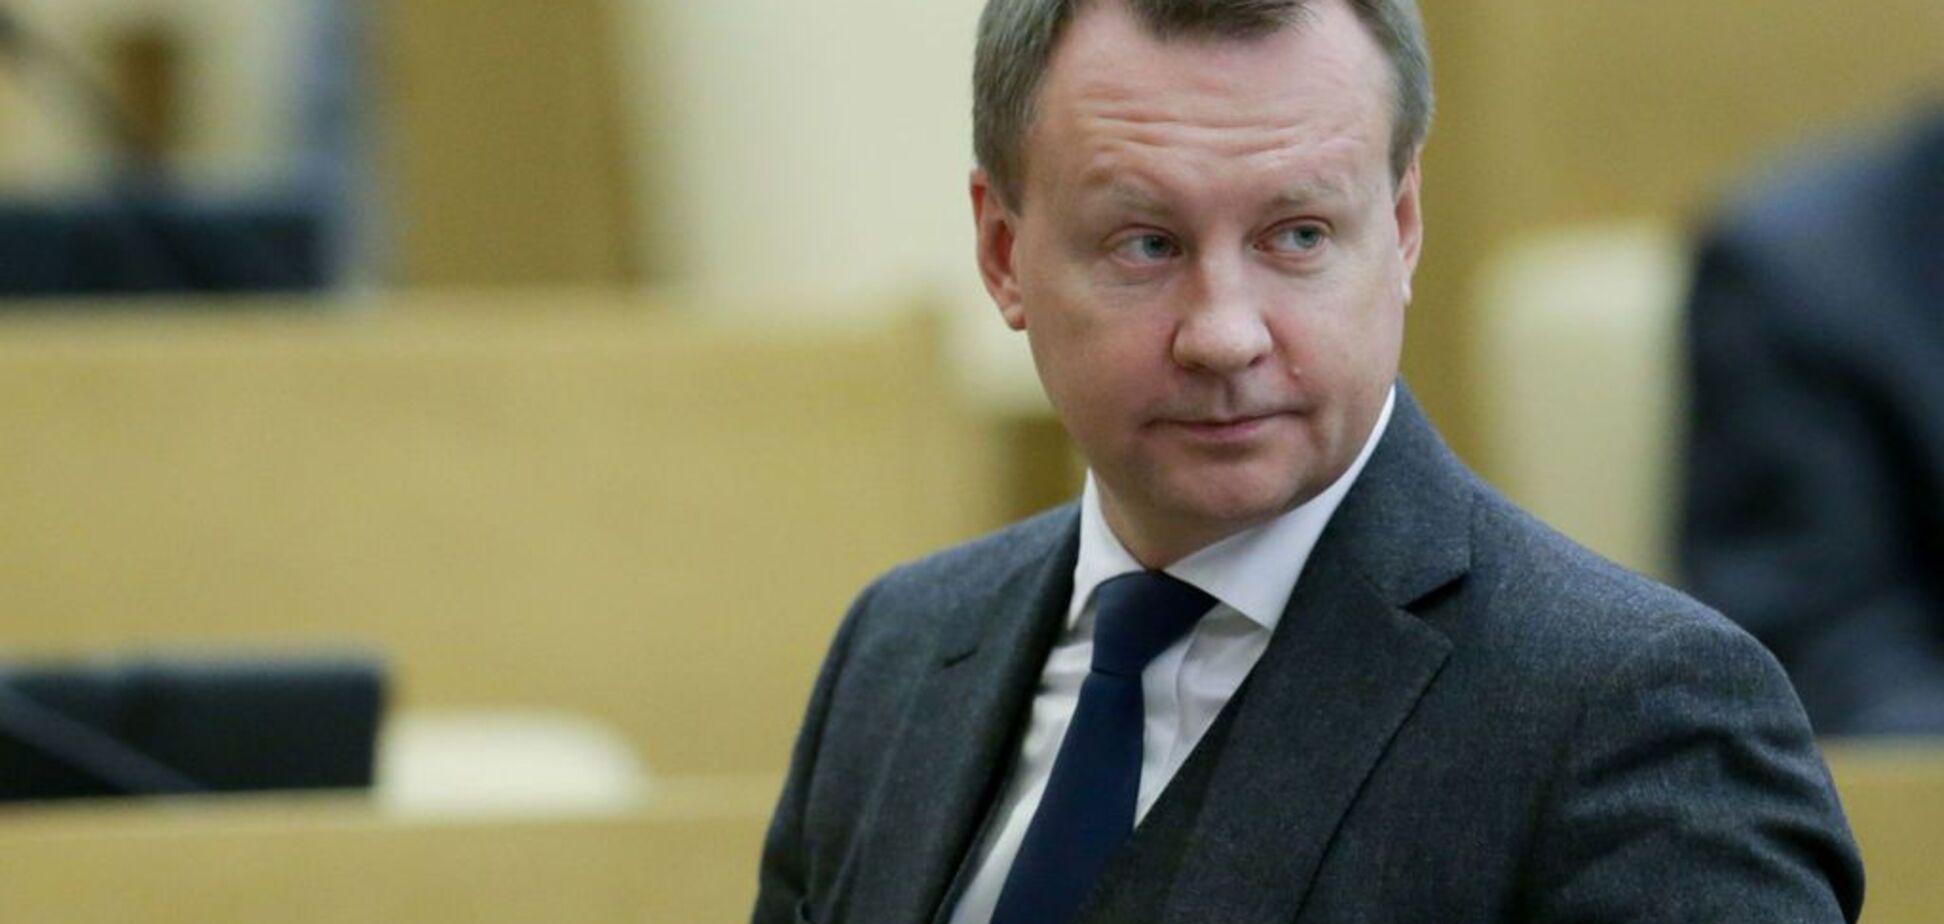 Вбивство Вороненкова: в Росії вирішили судити мертвого екс-депутата Держдуми